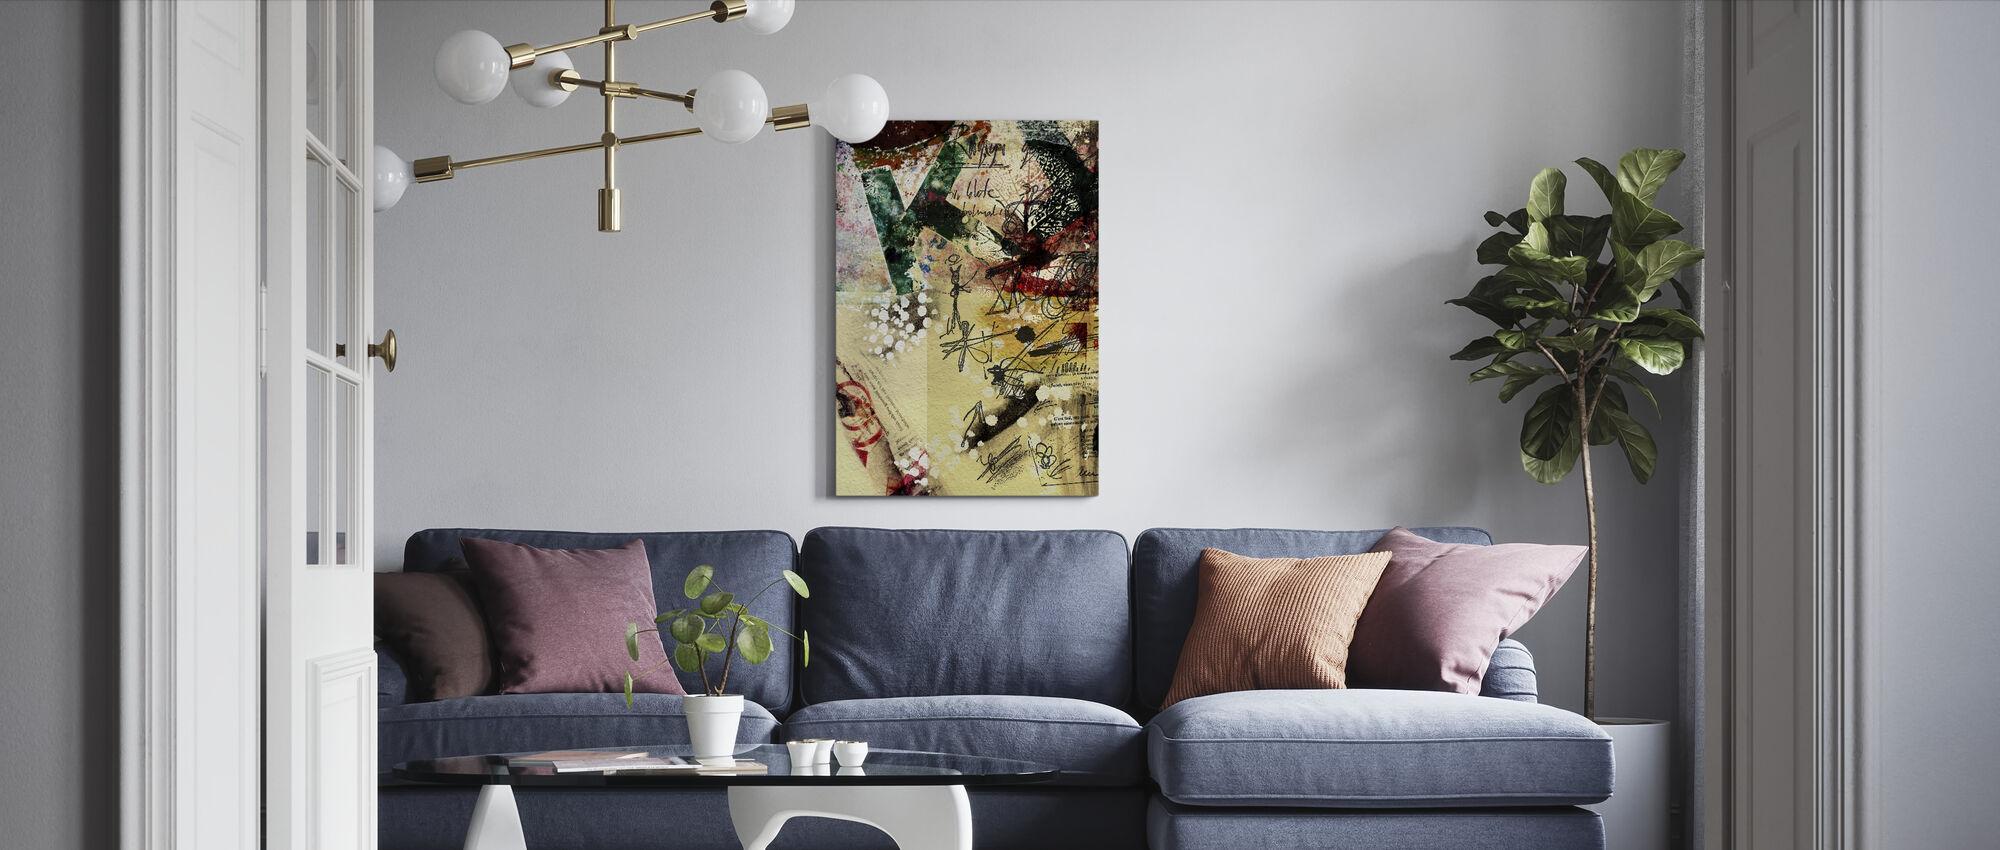 Plakat Collage - Lerretsbilde - Stue